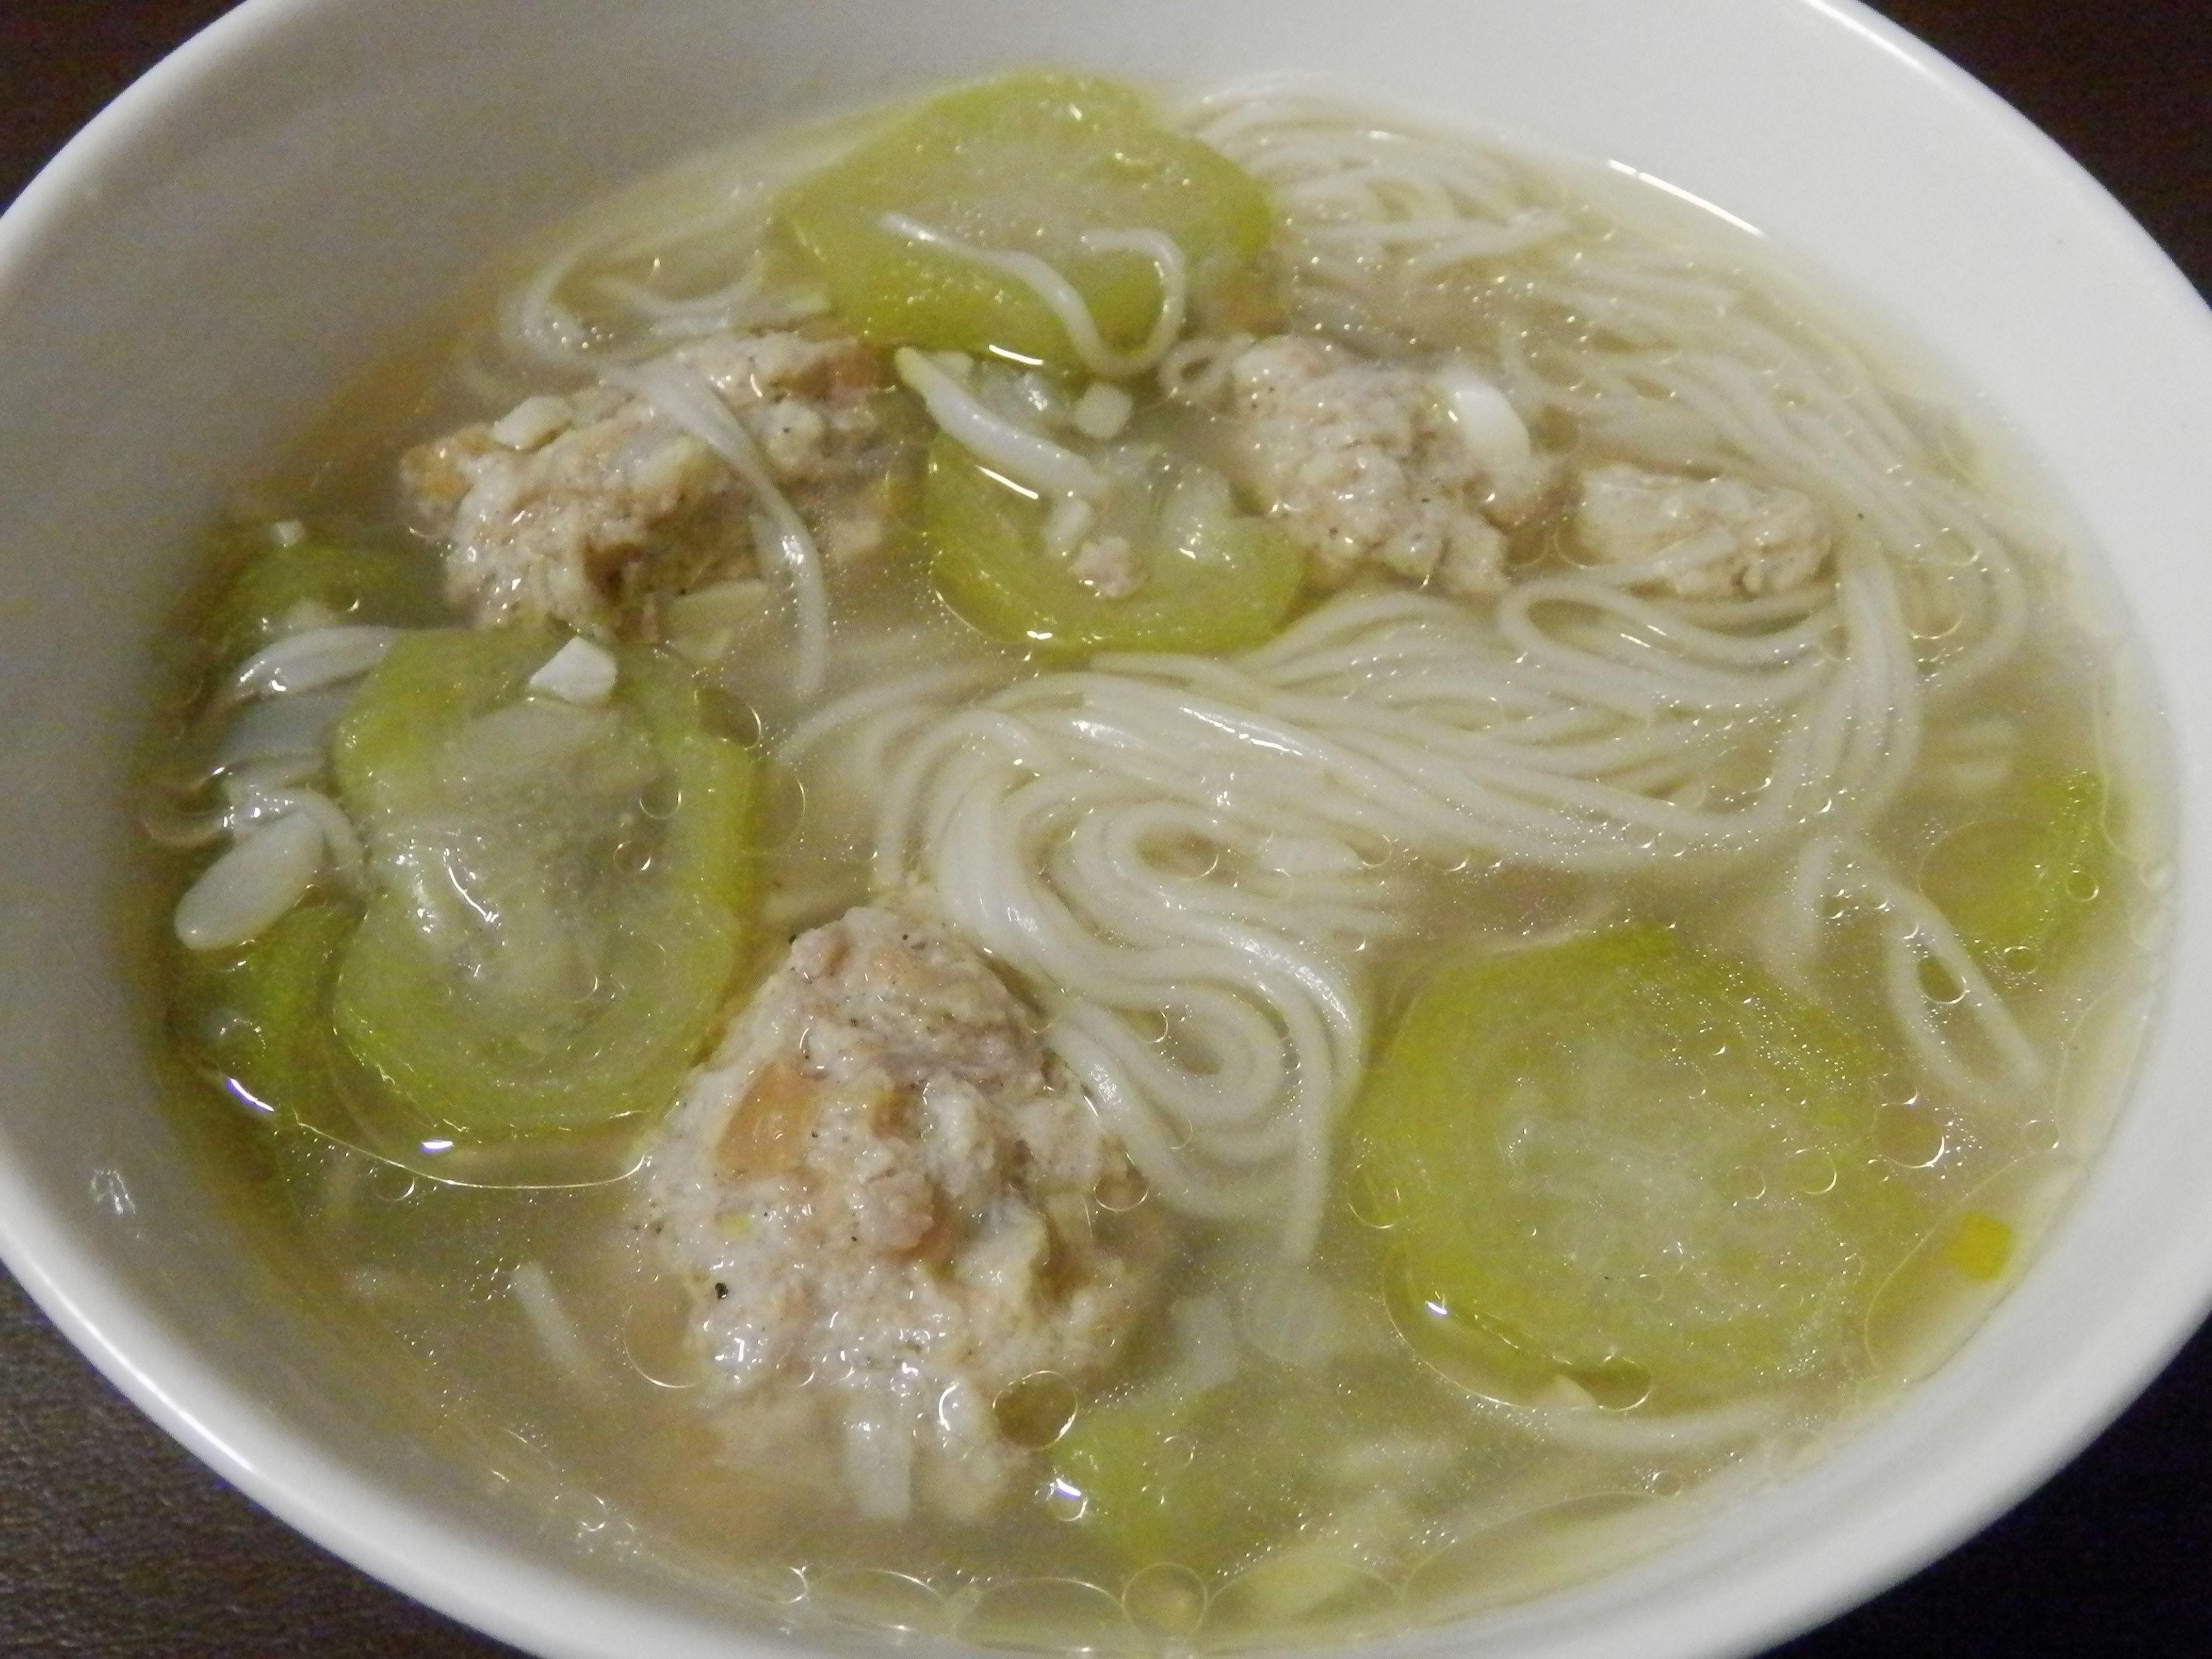 Filipino recipes misua with meatballs